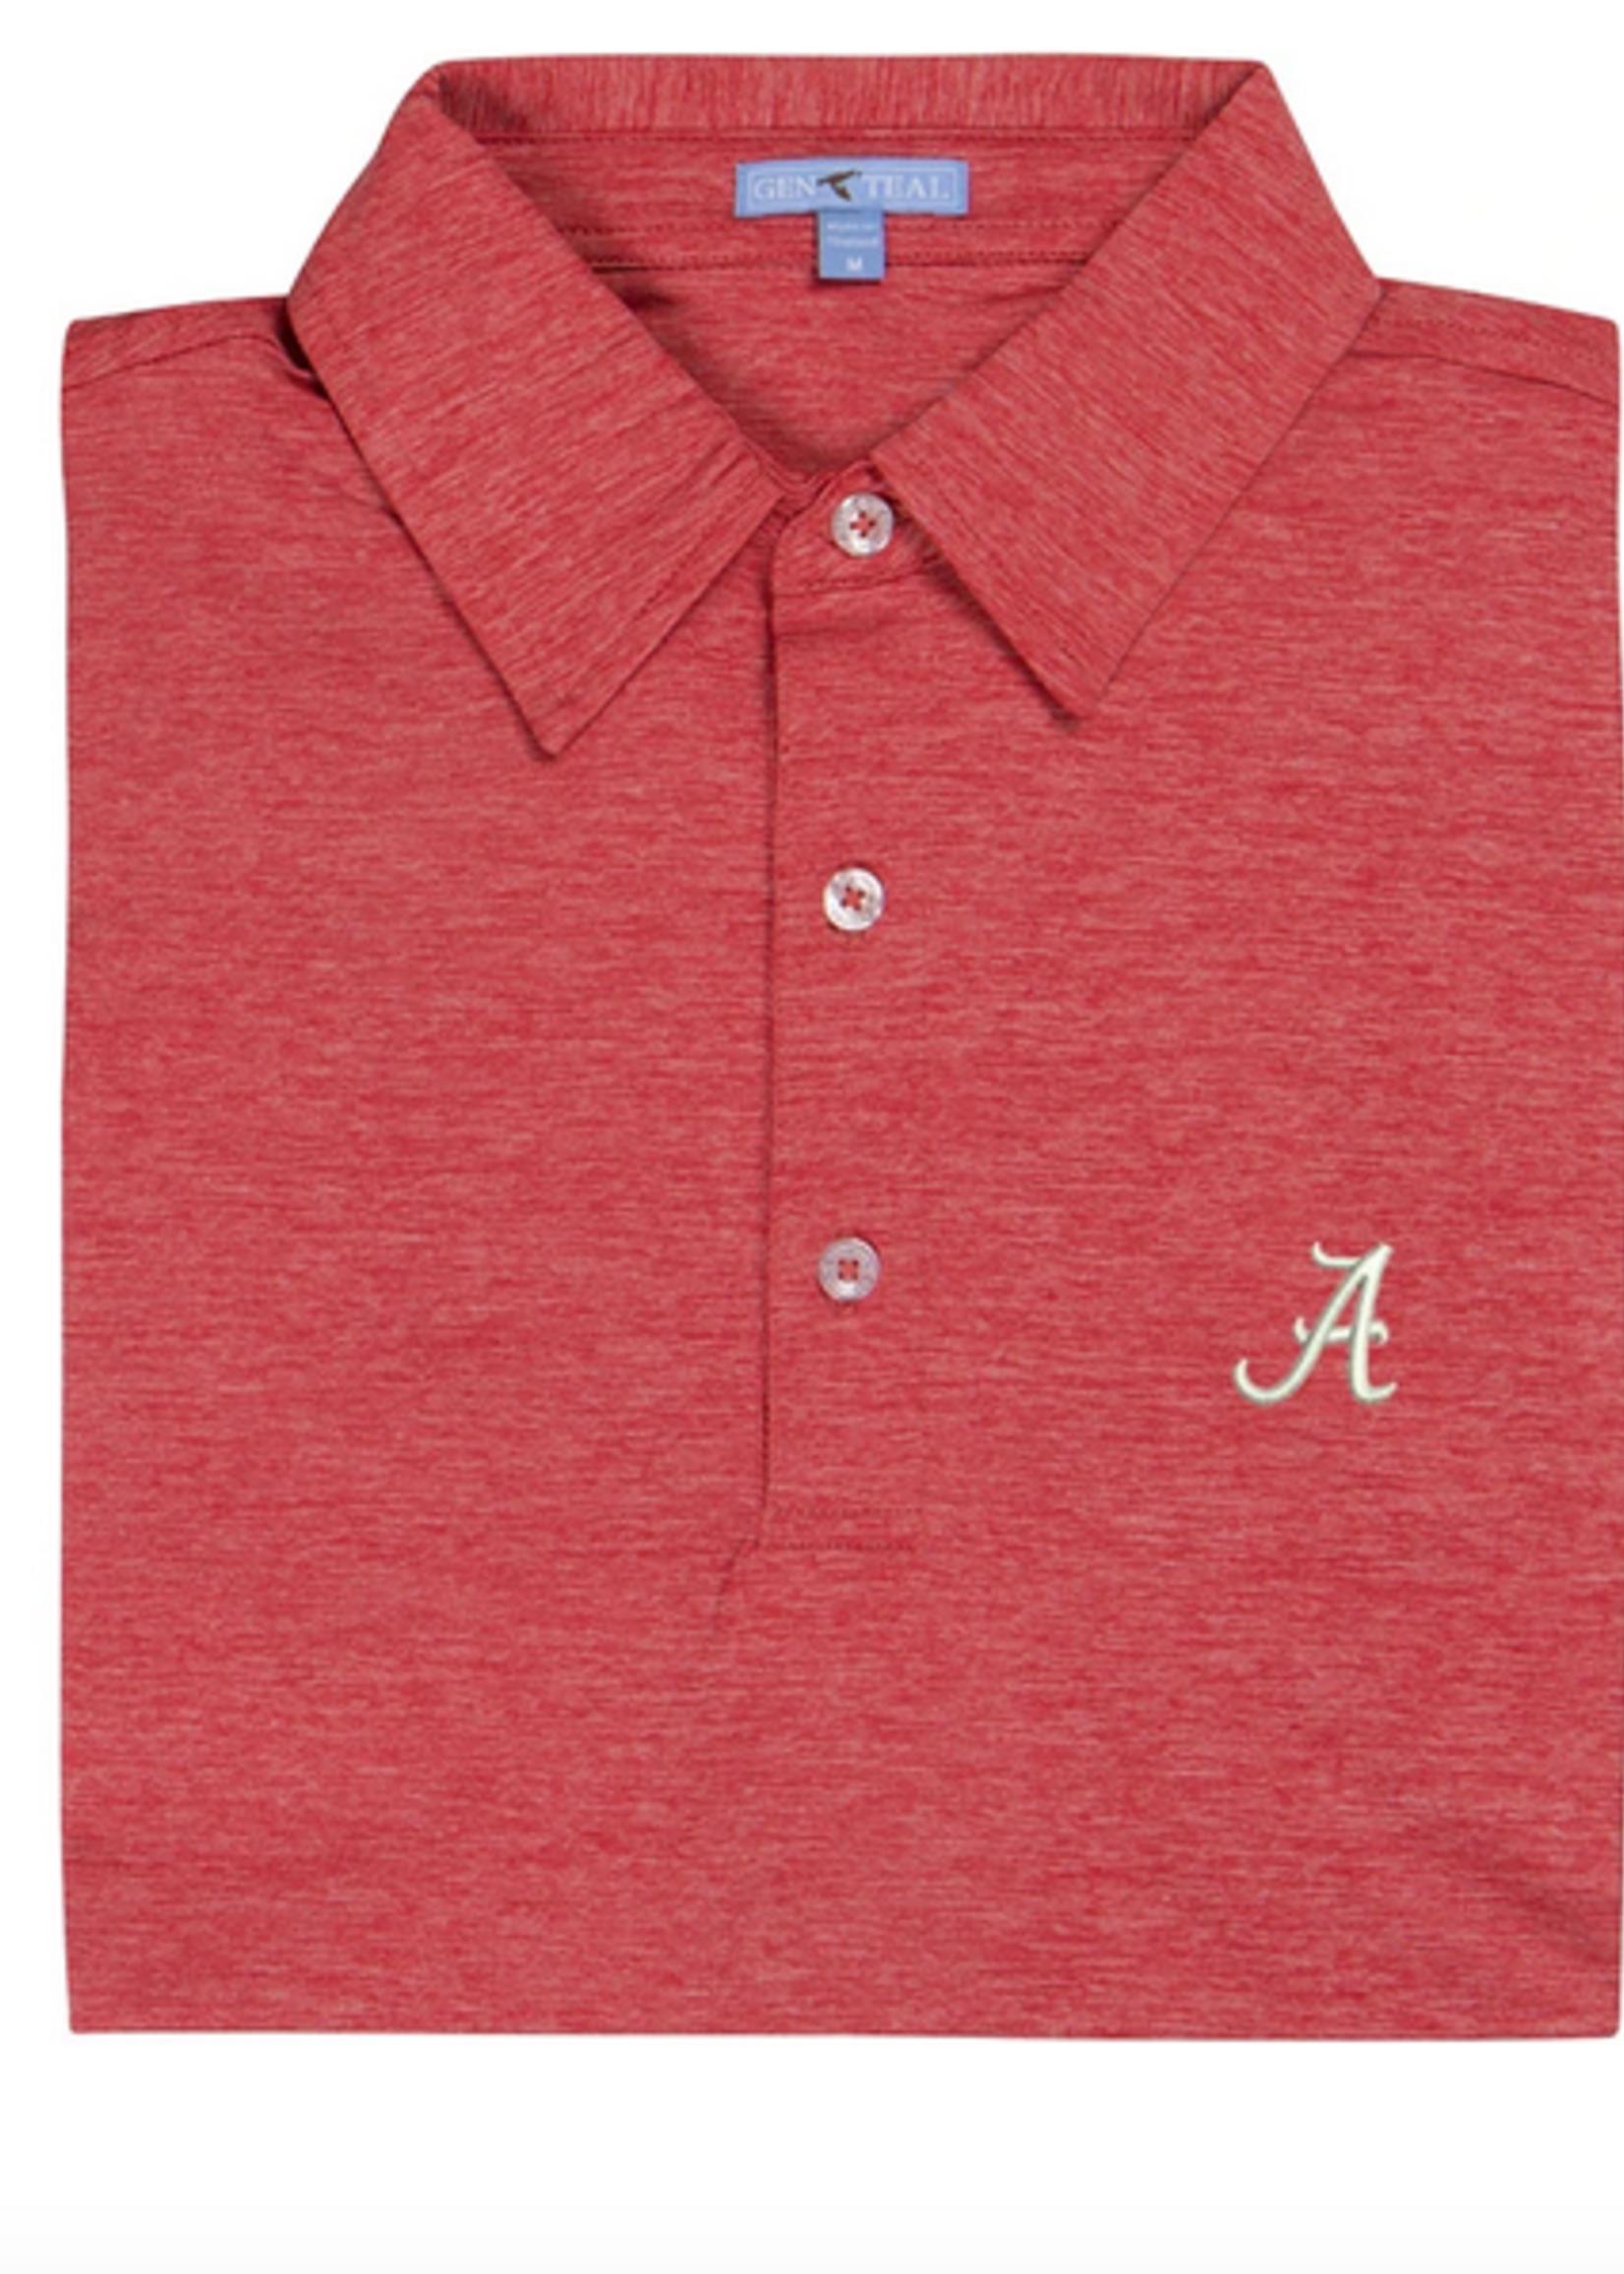 GenTeal Apparel Alabama brrr Red